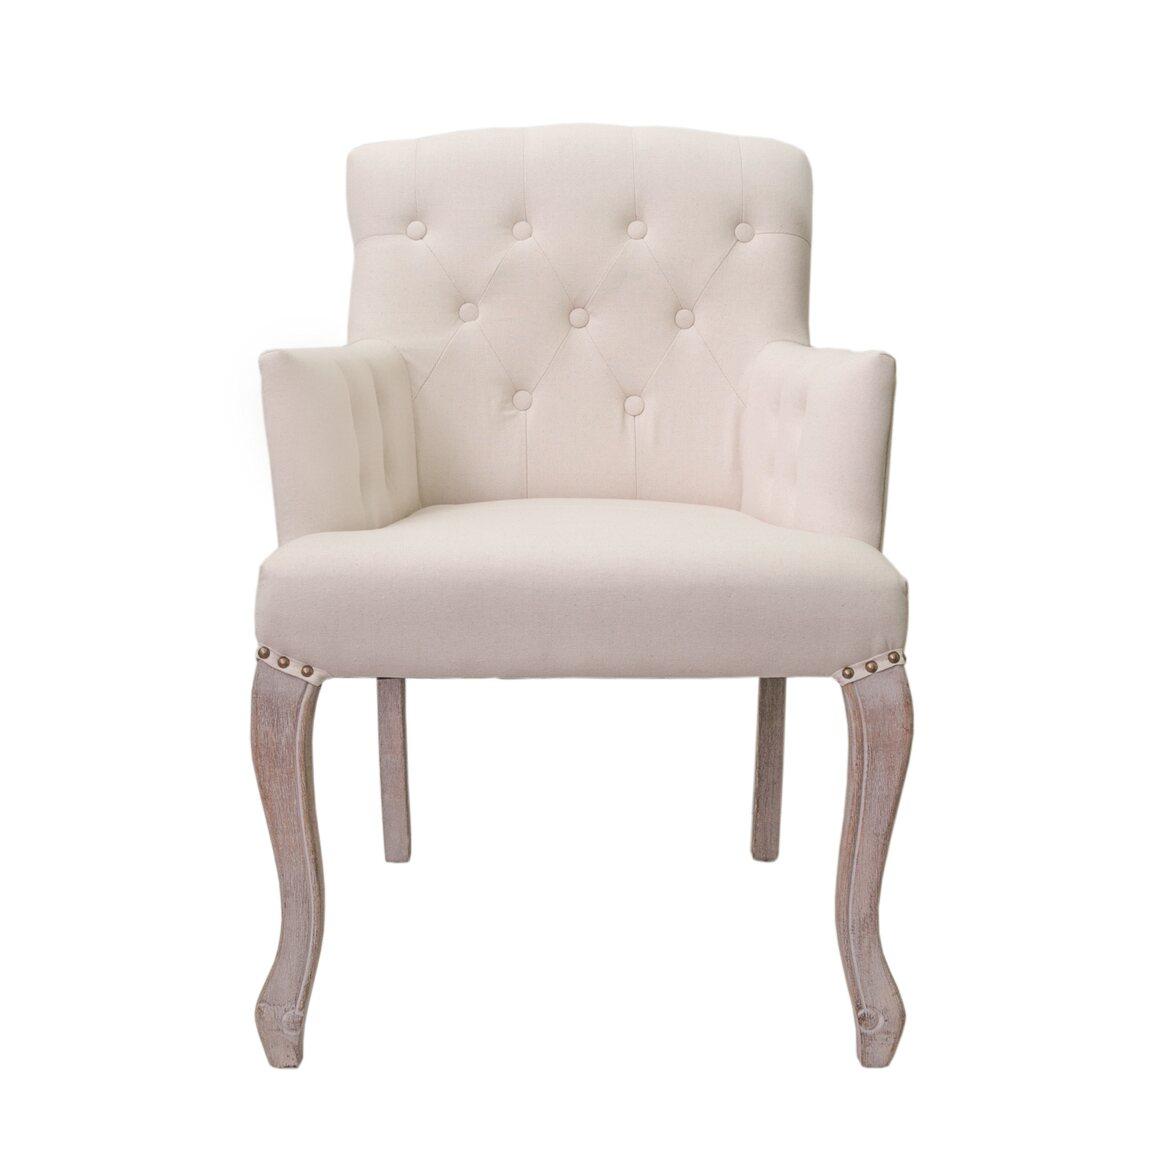 Кресло Deron beige ver.2 | Кресло-стул Kingsby